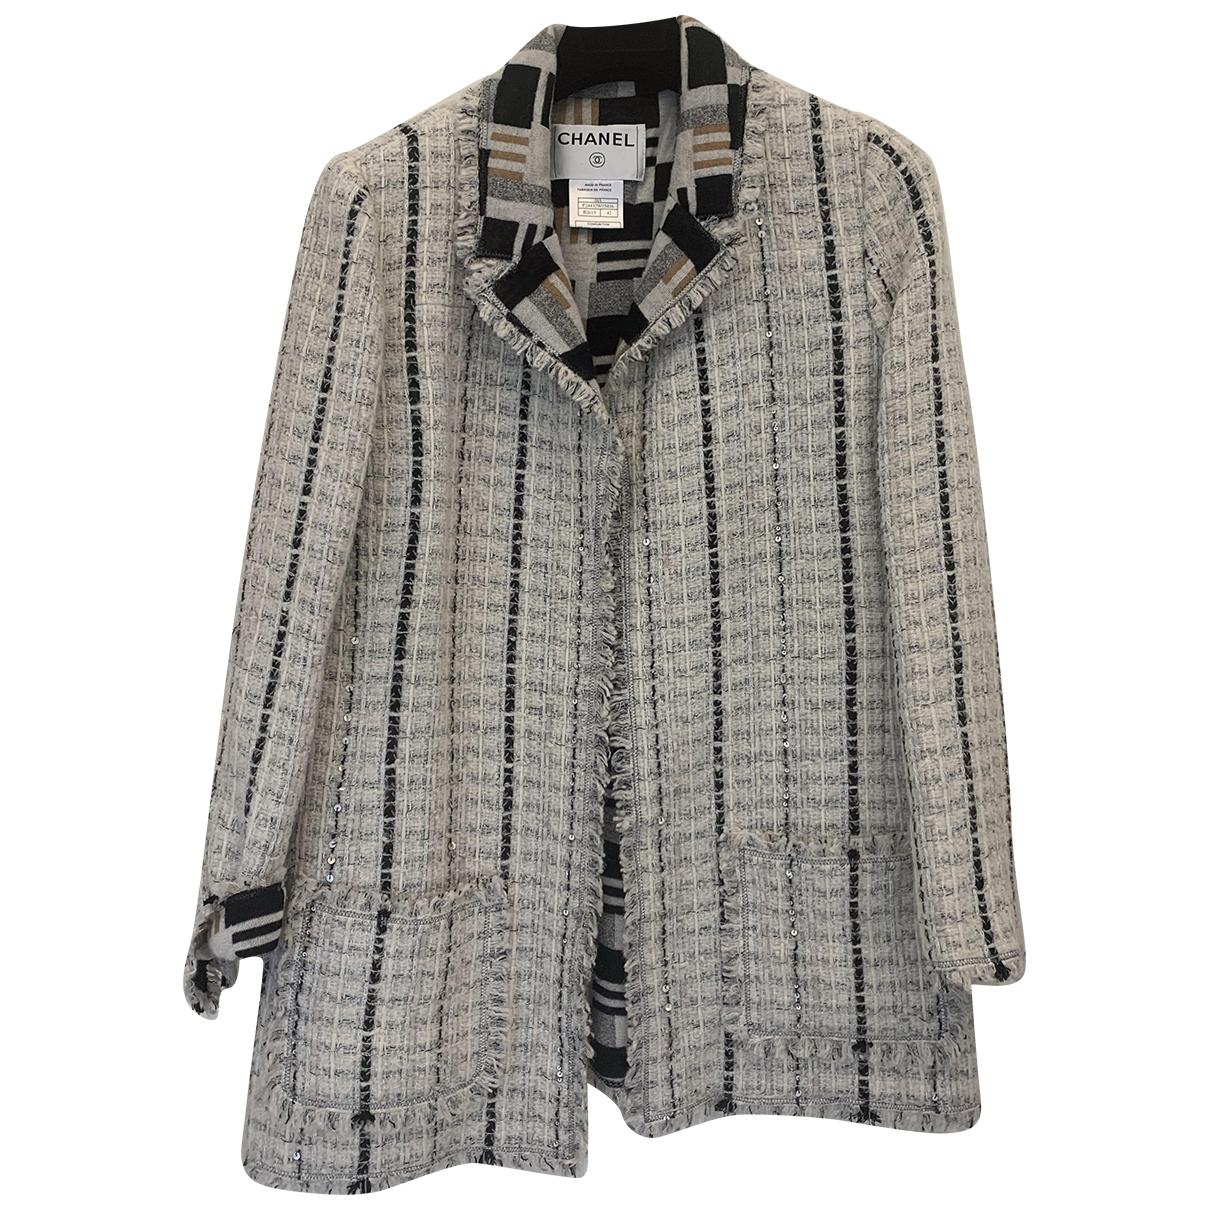 Chanel - Veste   pour femme en cachemire - multicolore